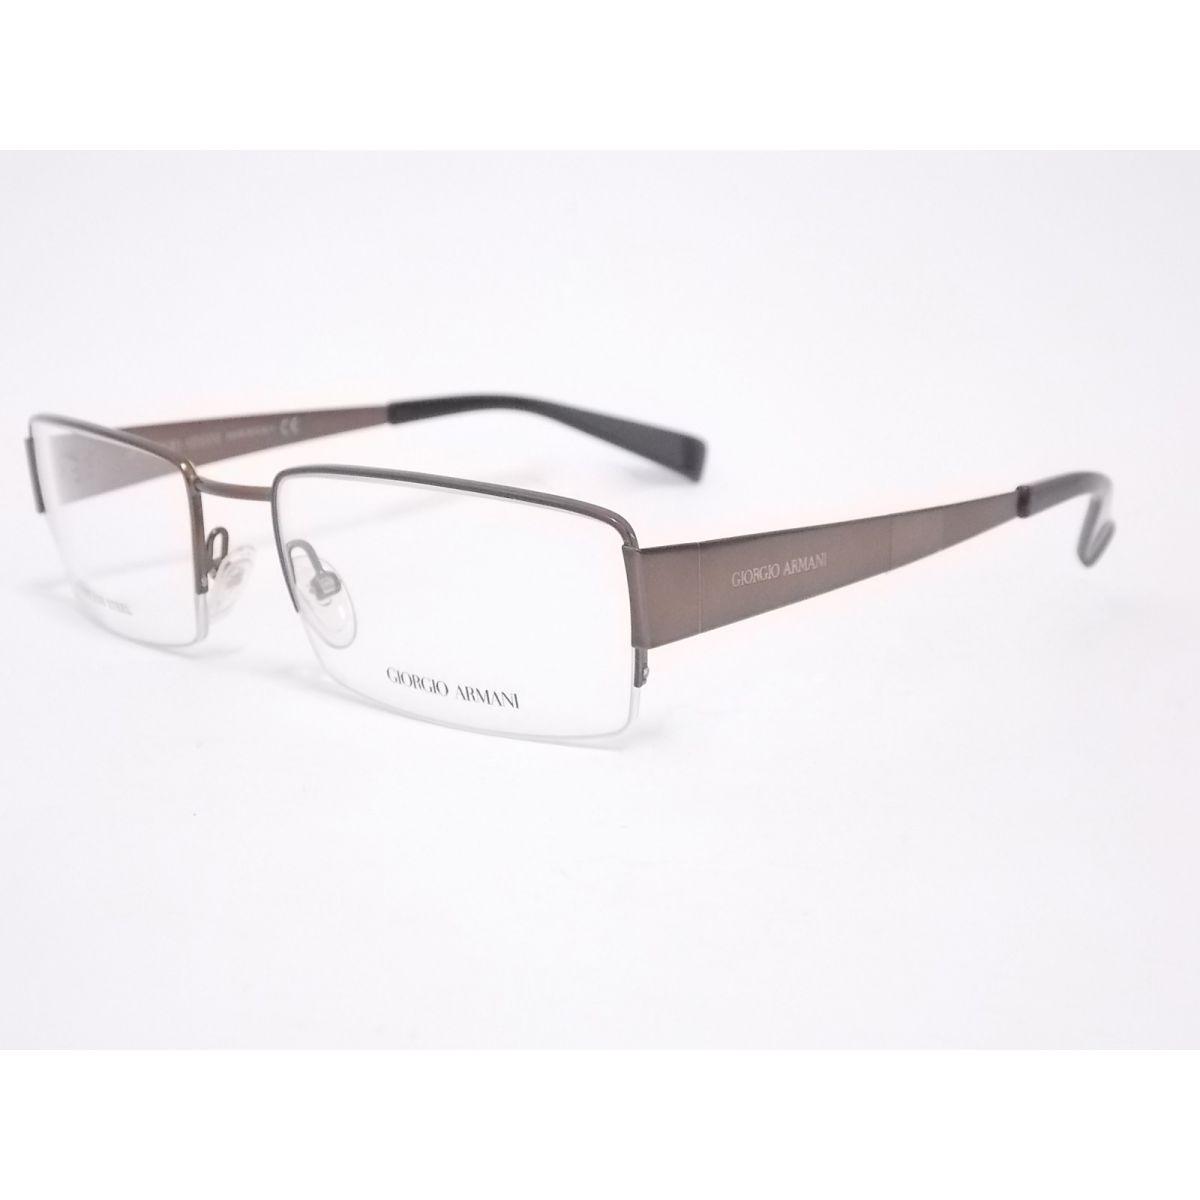 16f9a7599 Óculos de Grau Giorgio Armani 244. Image description Image description  Image description